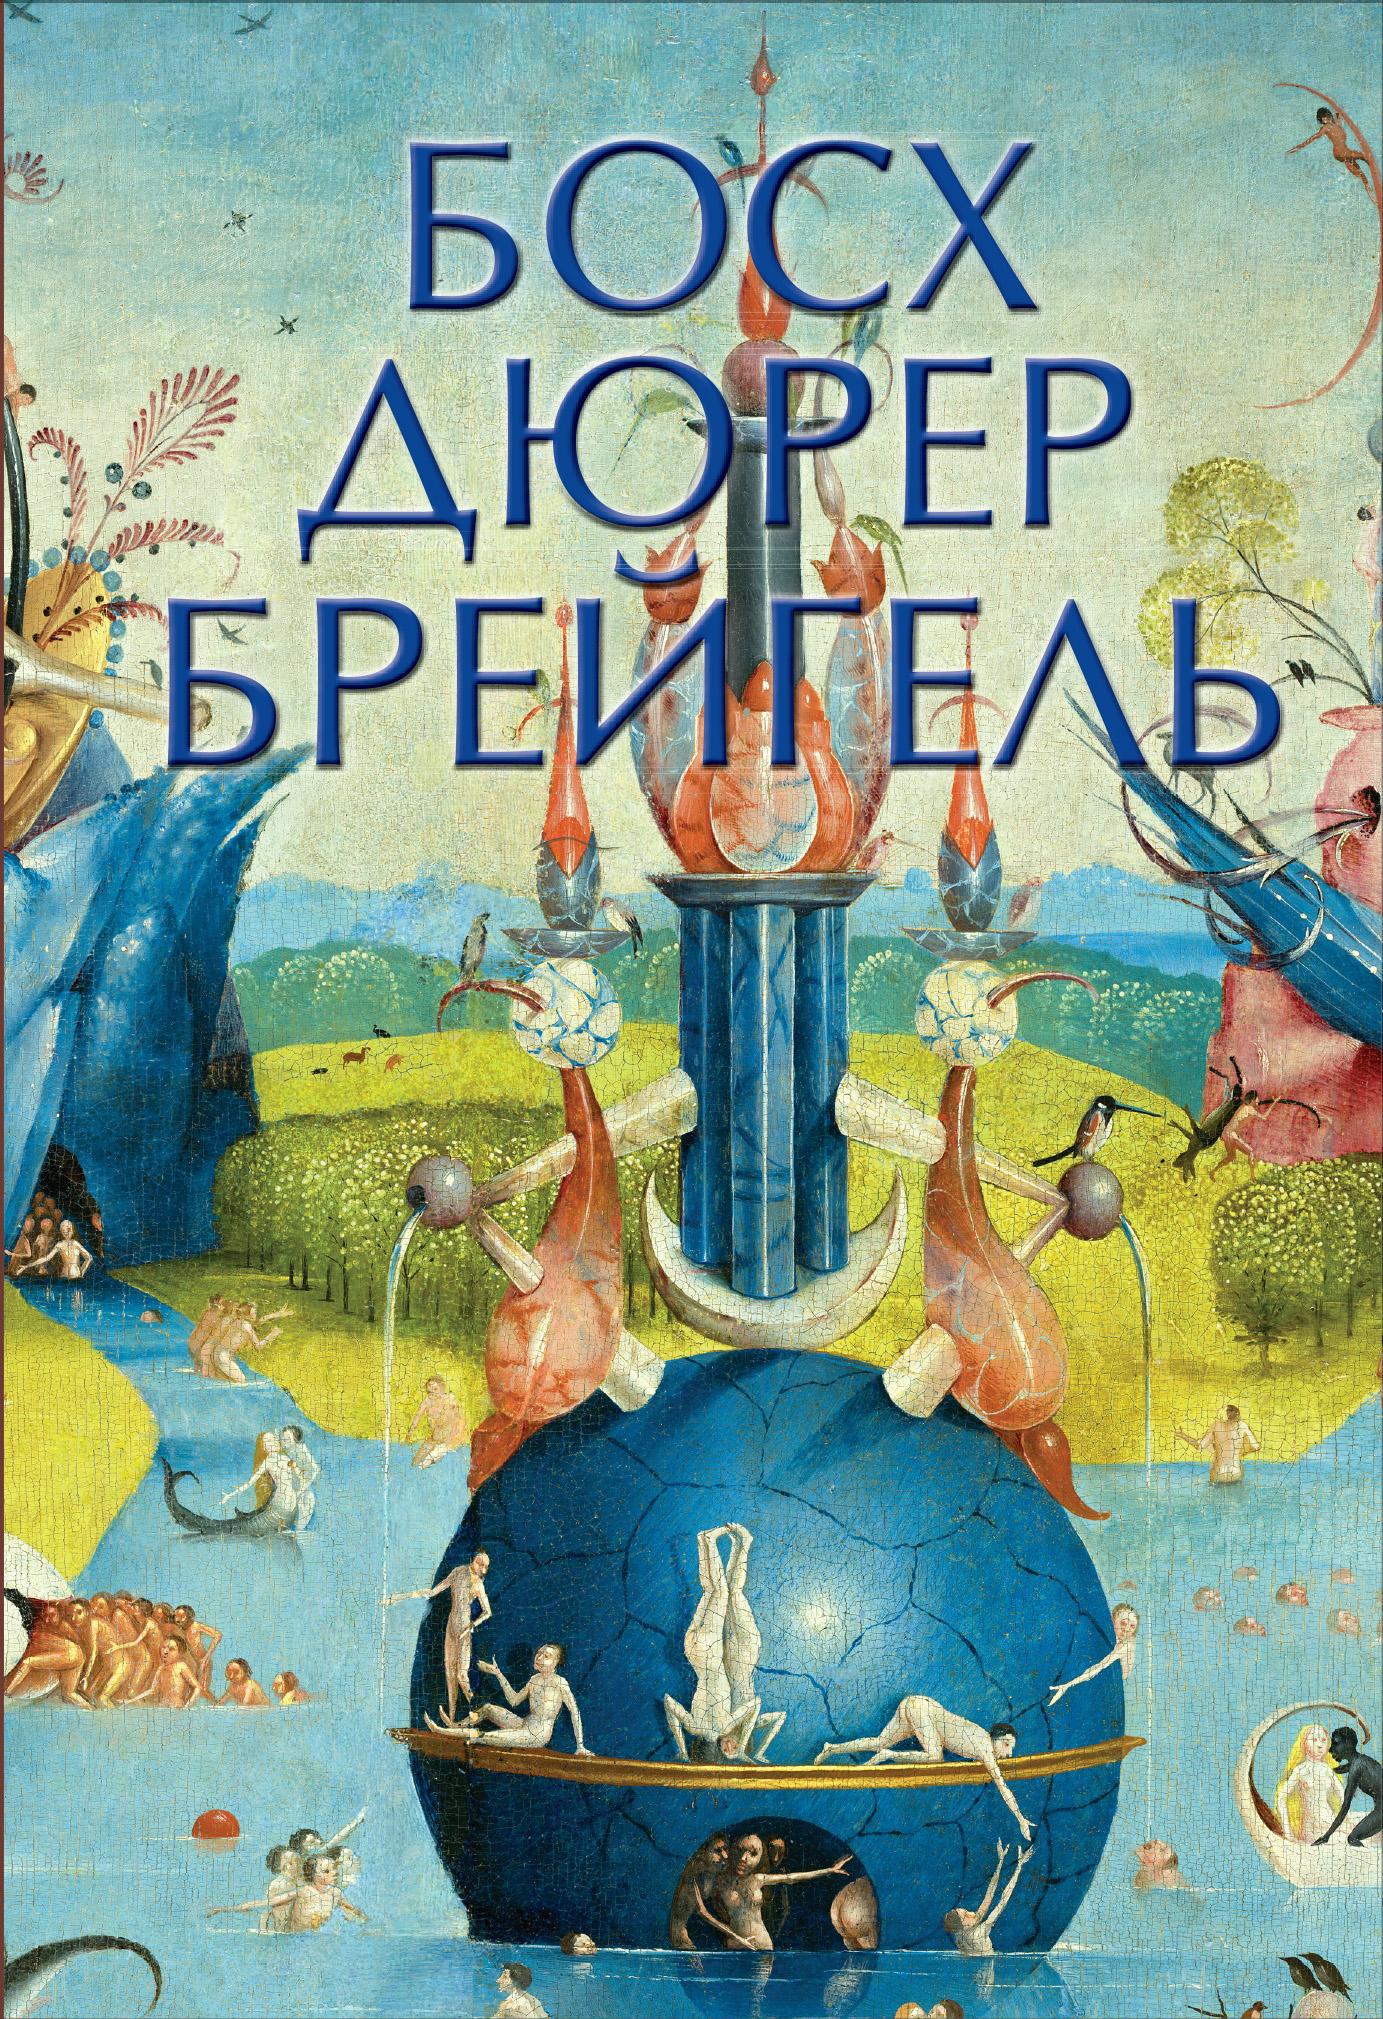 Отсутствует Босх, Дюрер, Брейгель шестаков в бытовая культура итальянского возрождения у истоков европейского образа жизни